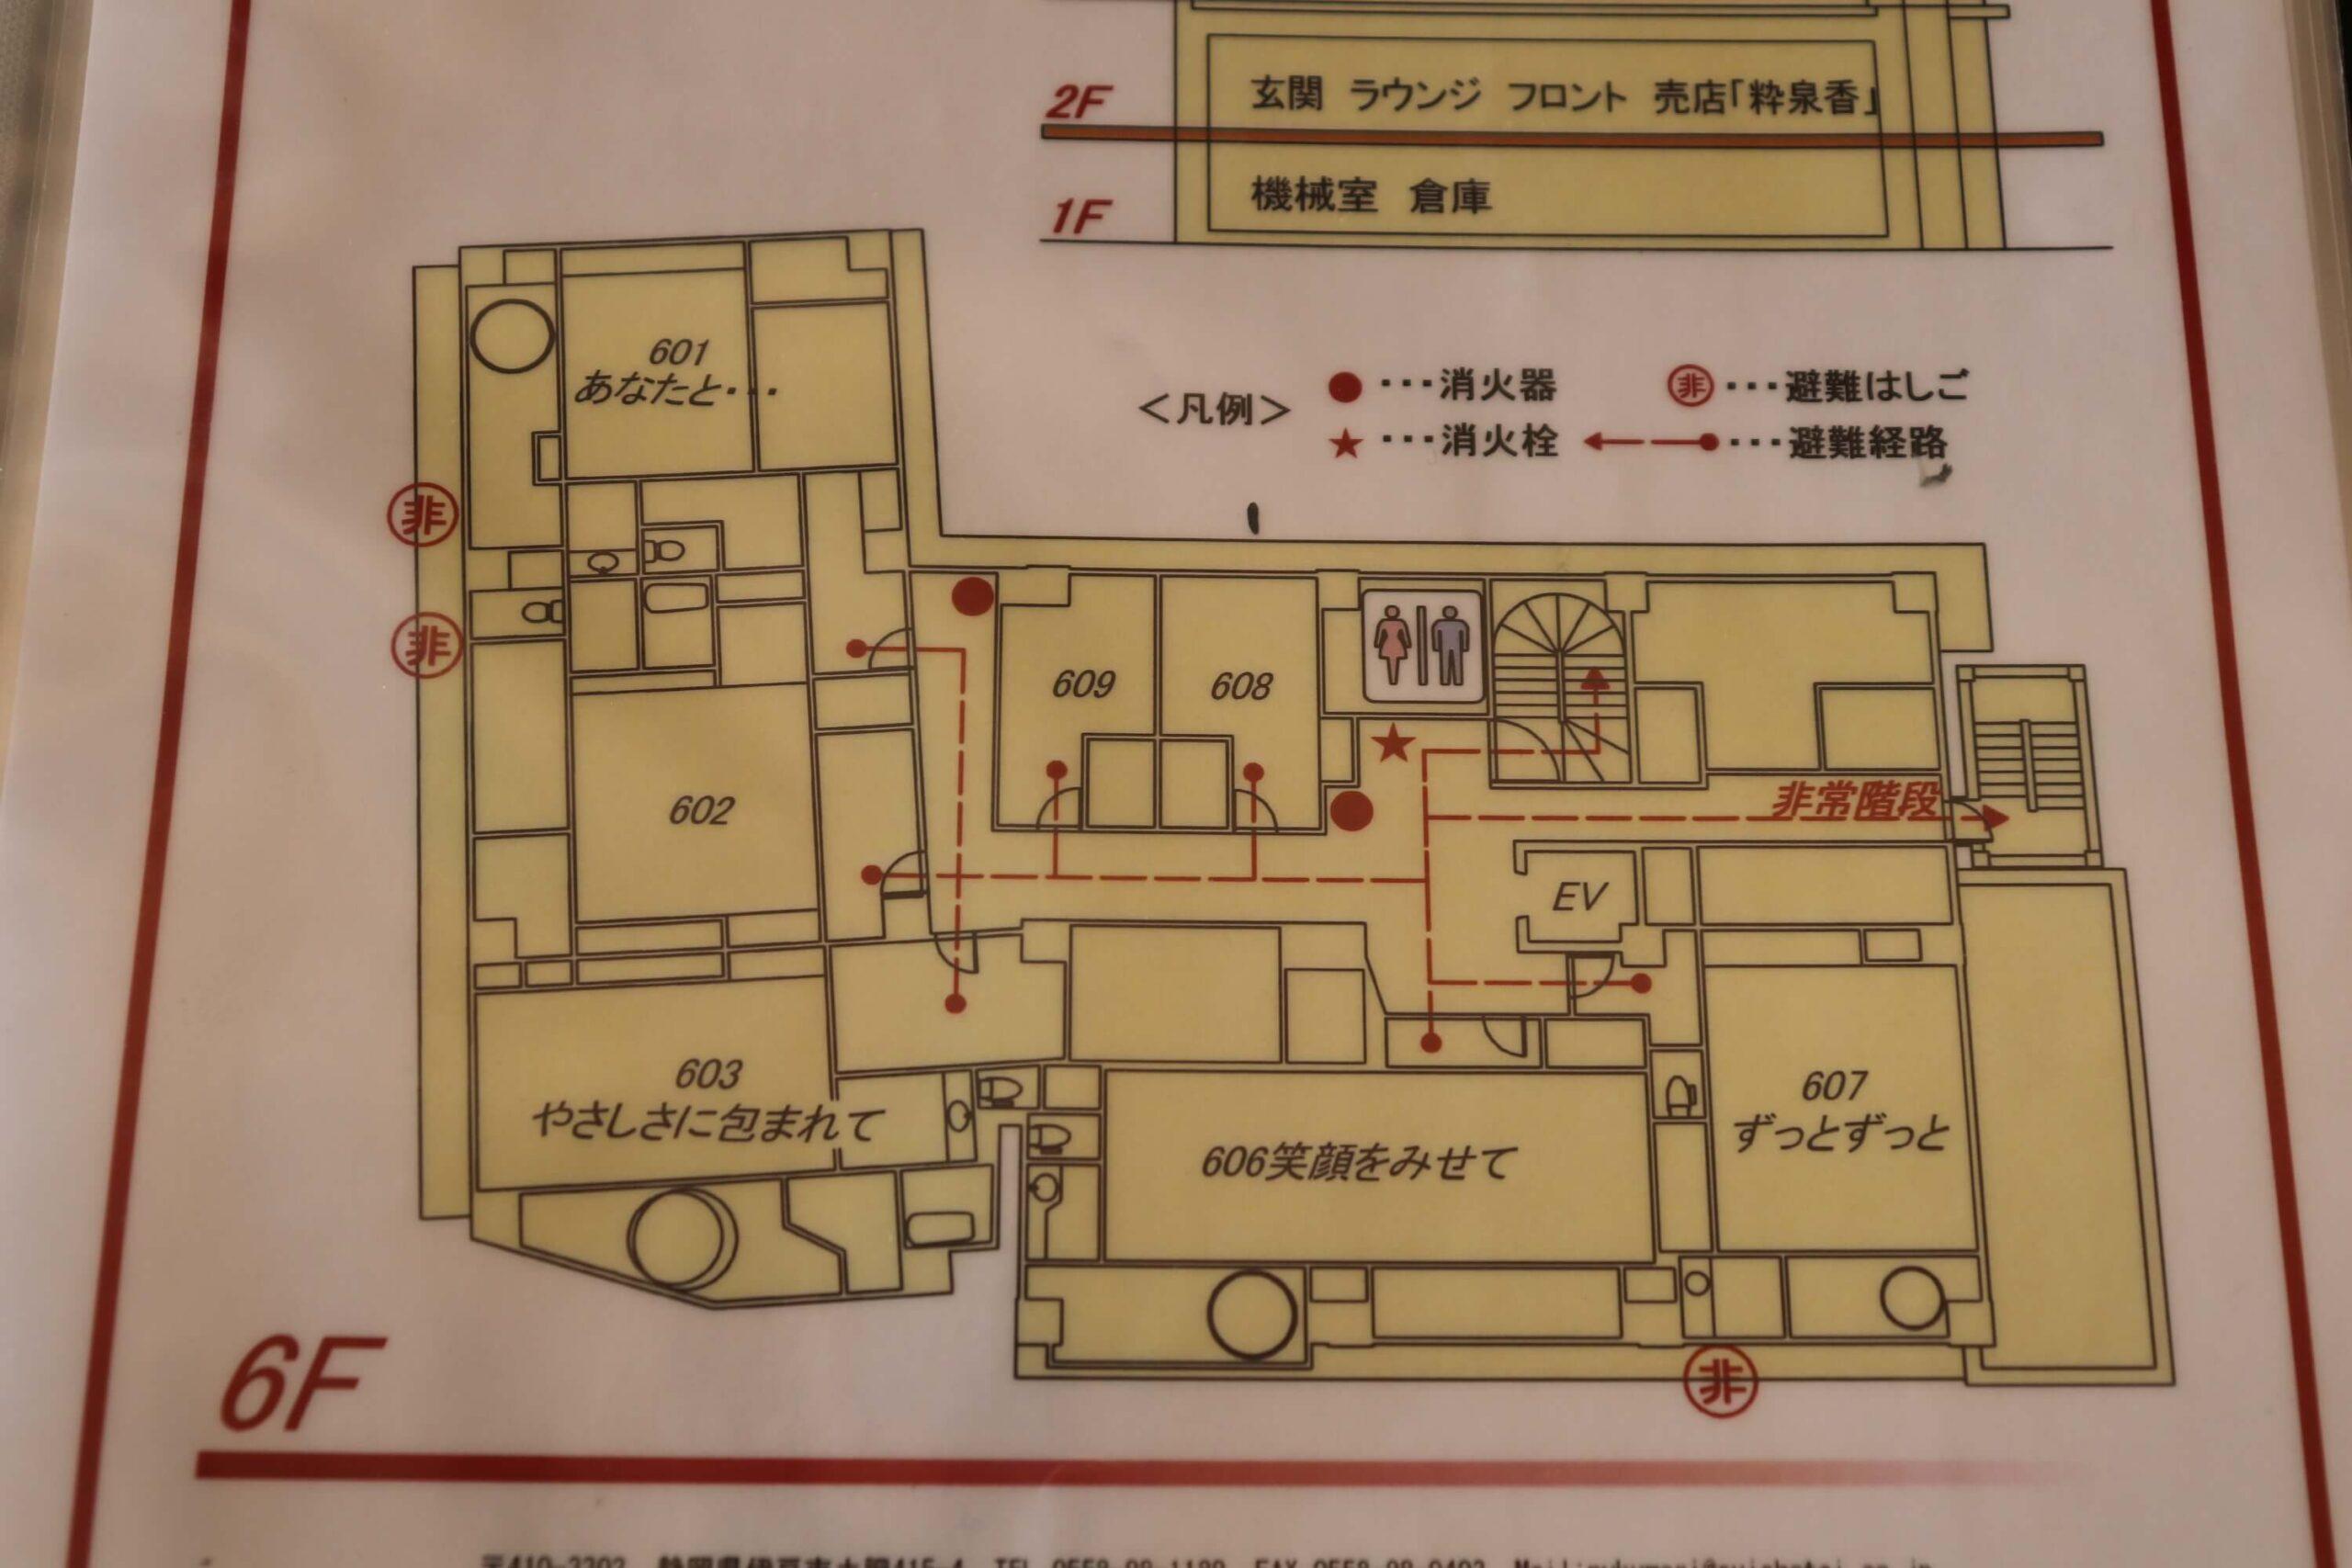 西伊豆土肥の粋松亭のフロアマップ